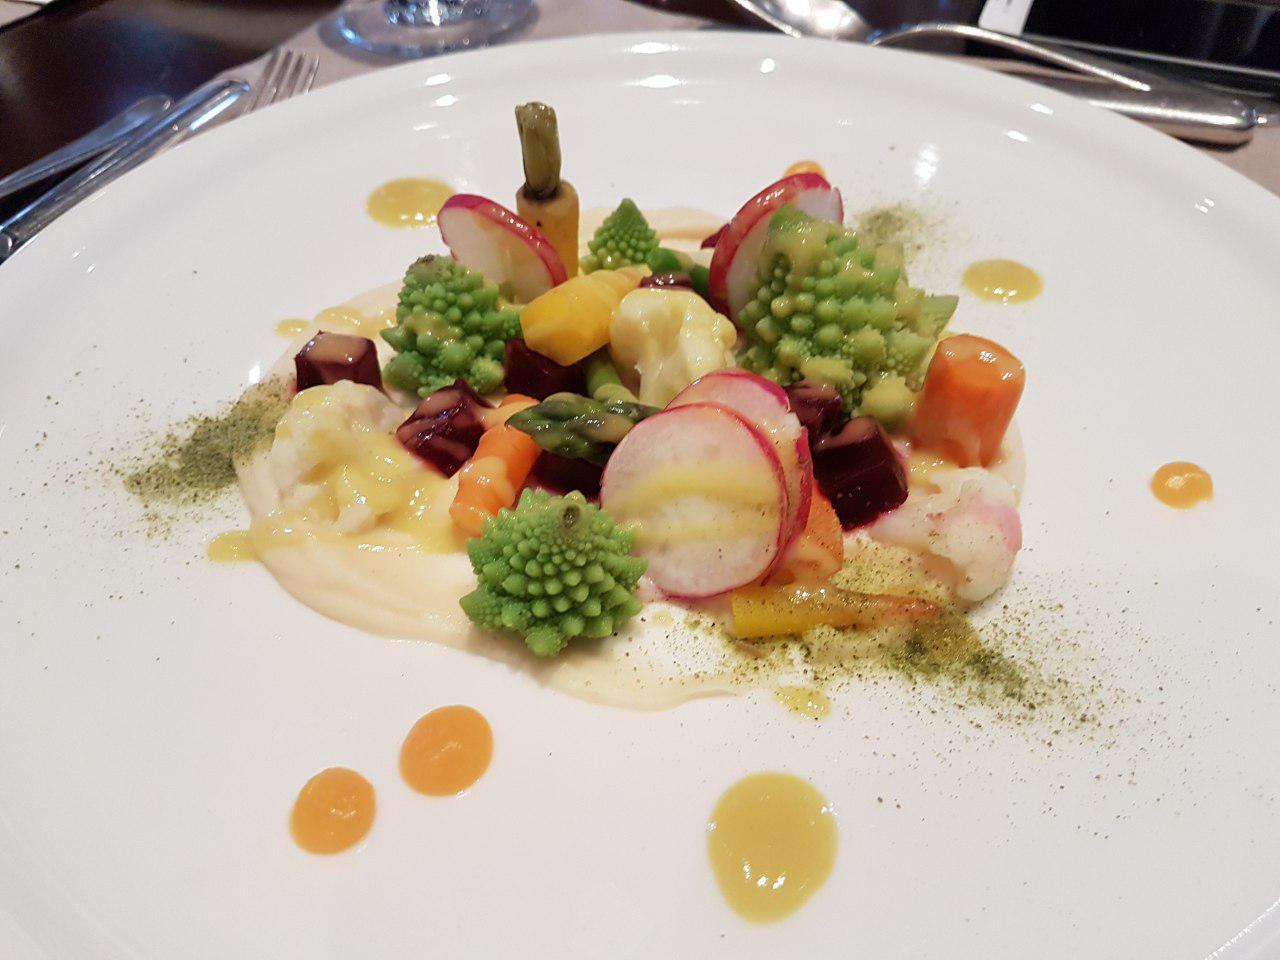 """מנת ירקות במסעדת היוקרה במלון הייאט ריג'נסי המפואר (צילום: אחיה ראב""""ד)"""